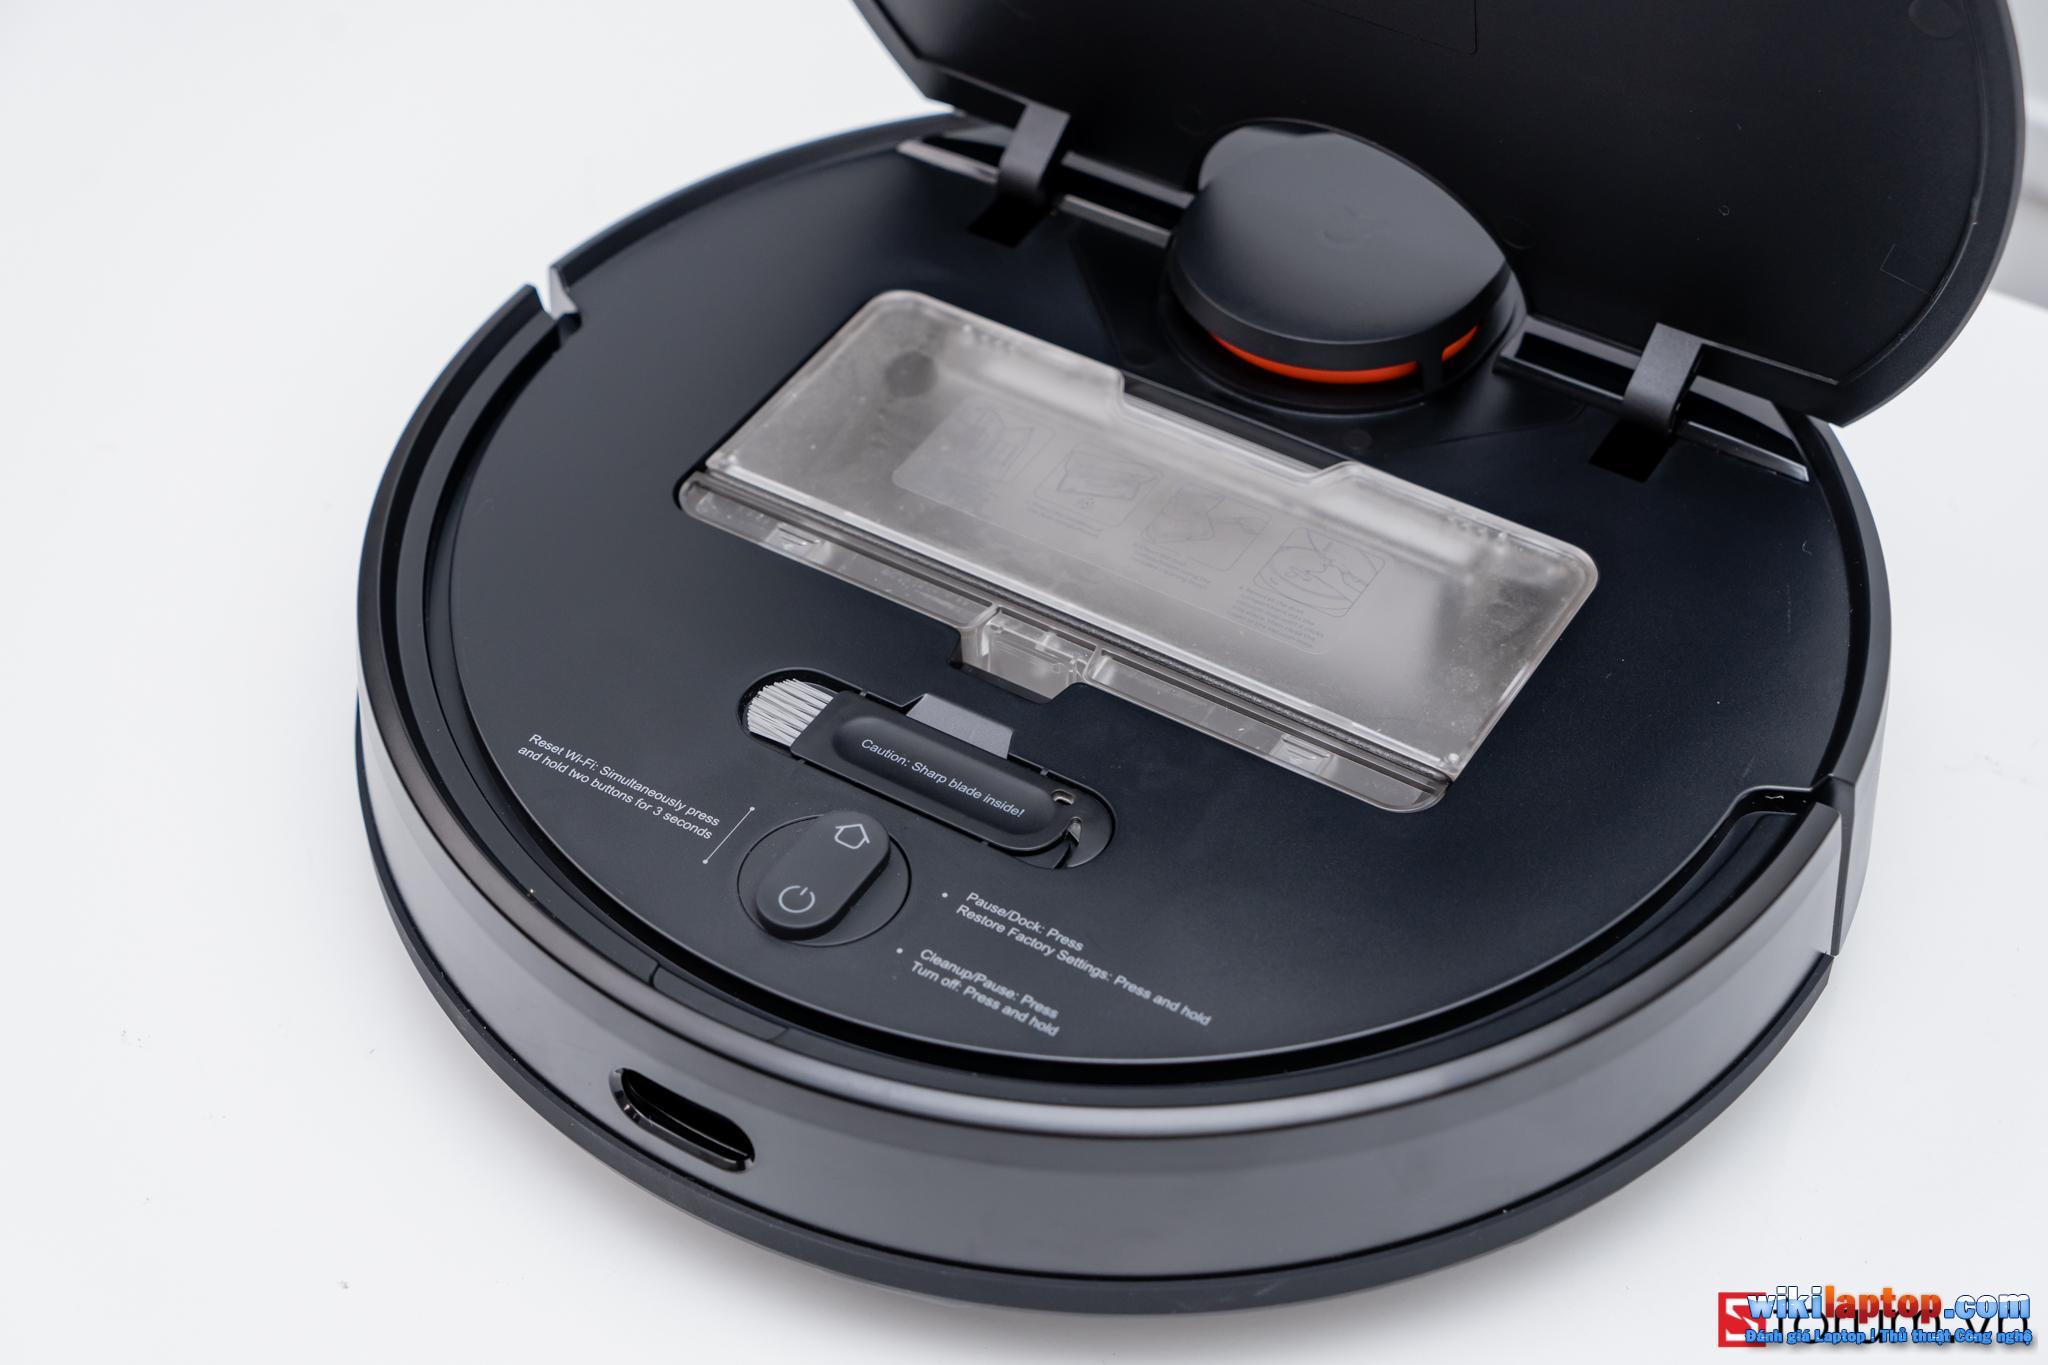 Sforum - Trang thông tin công nghệ mới nhất Mi-Robot-Máy hút bụi Mop-P-12 Đánh giá Mi Robot Máy hút bụi P: Làm sạch, hút thông minh và nhiều tính năng